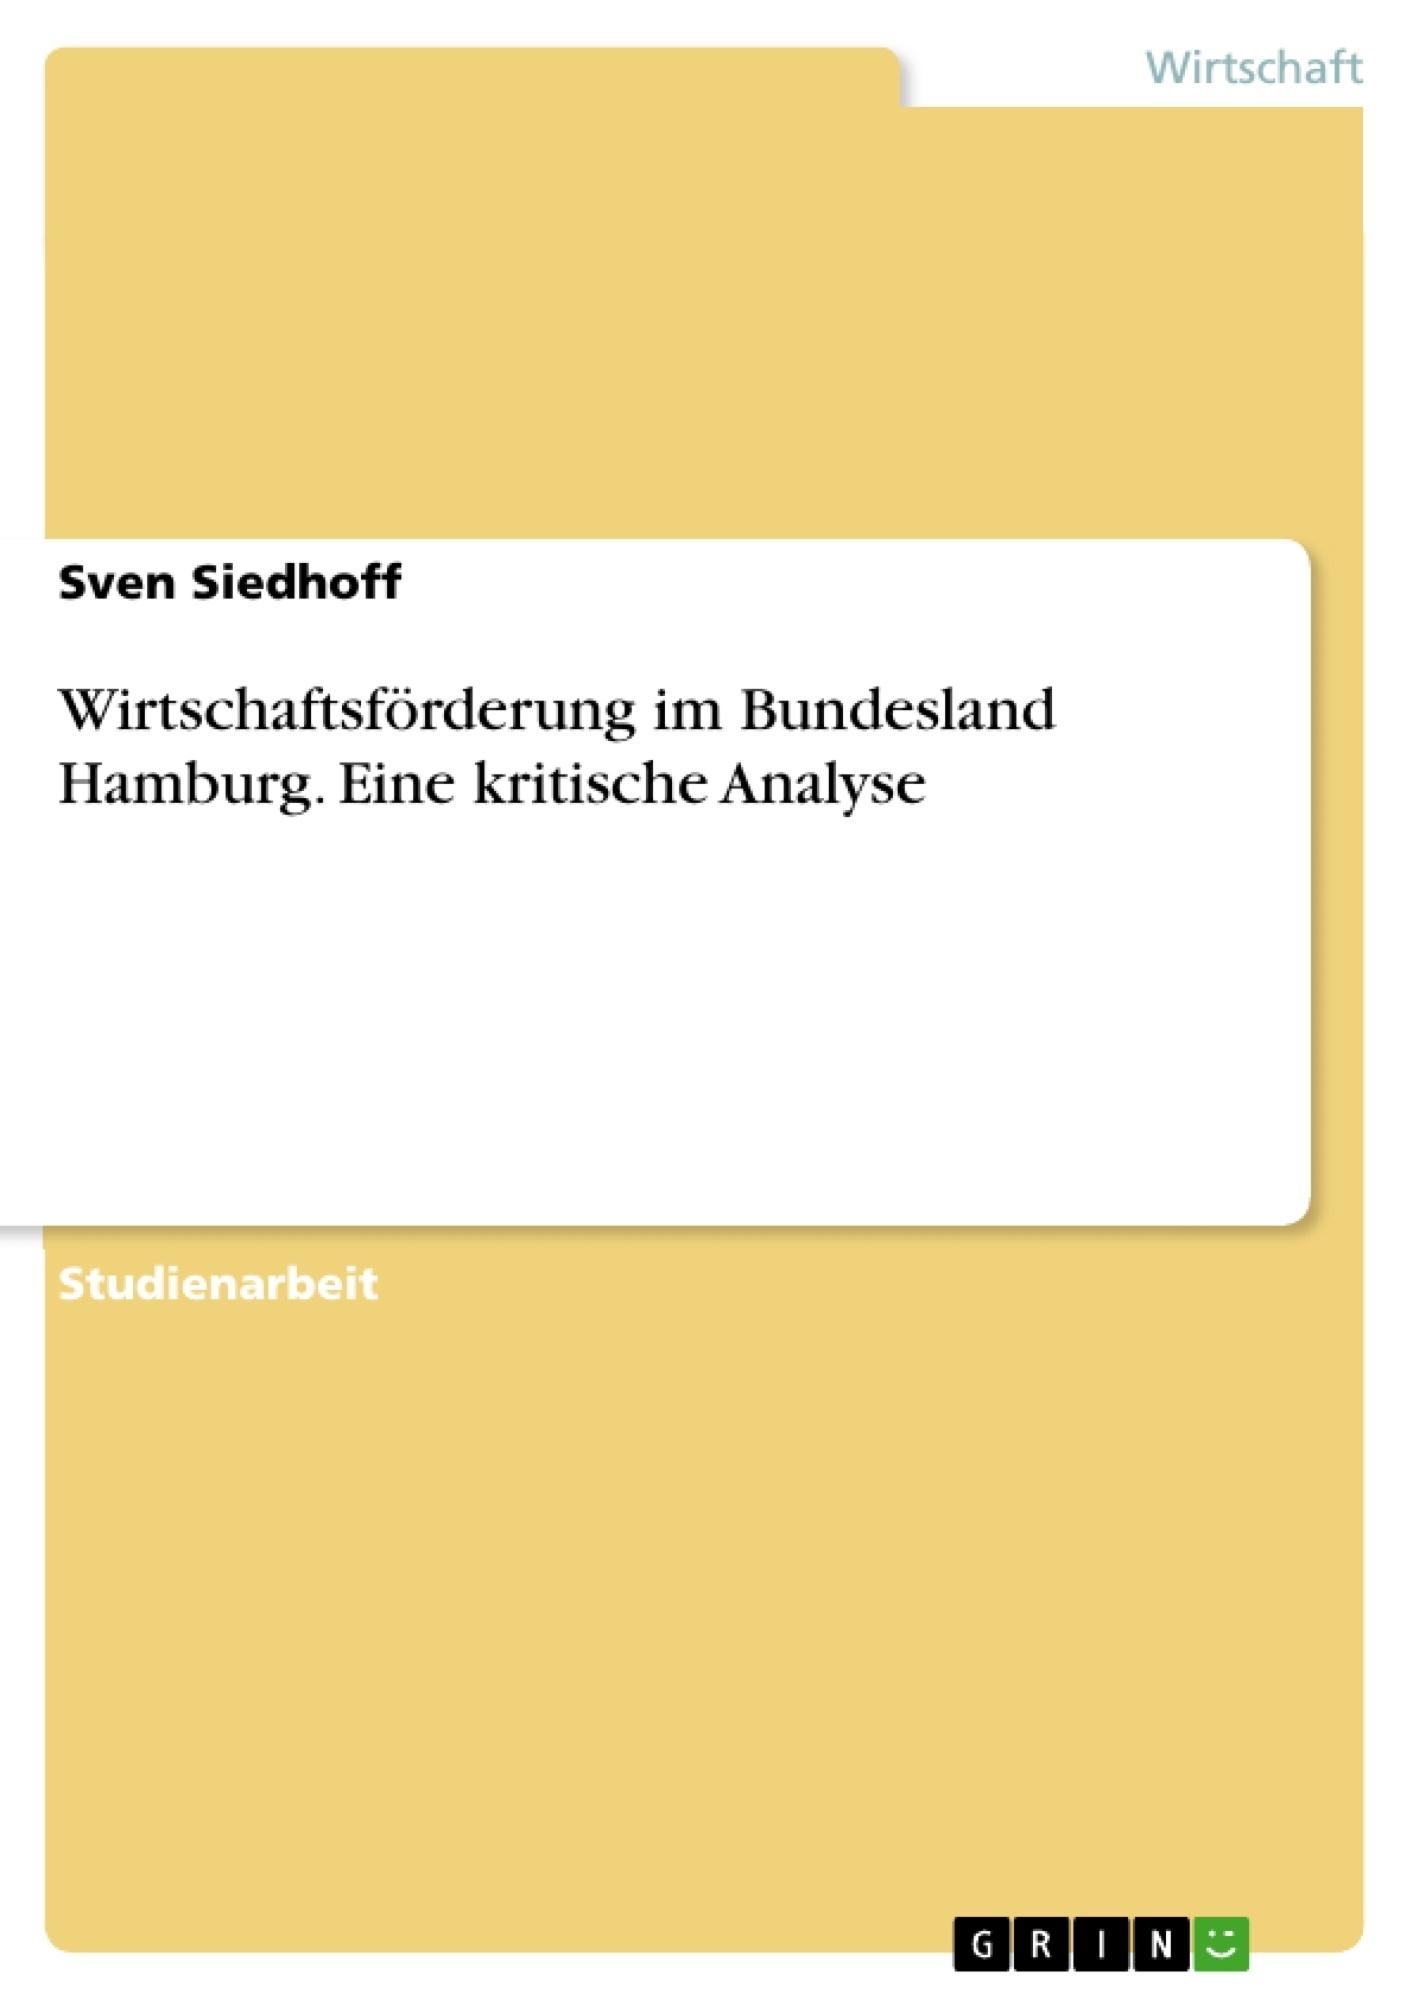 Titel: Wirtschaftsförderung im Bundesland Hamburg. Eine kritische Analyse